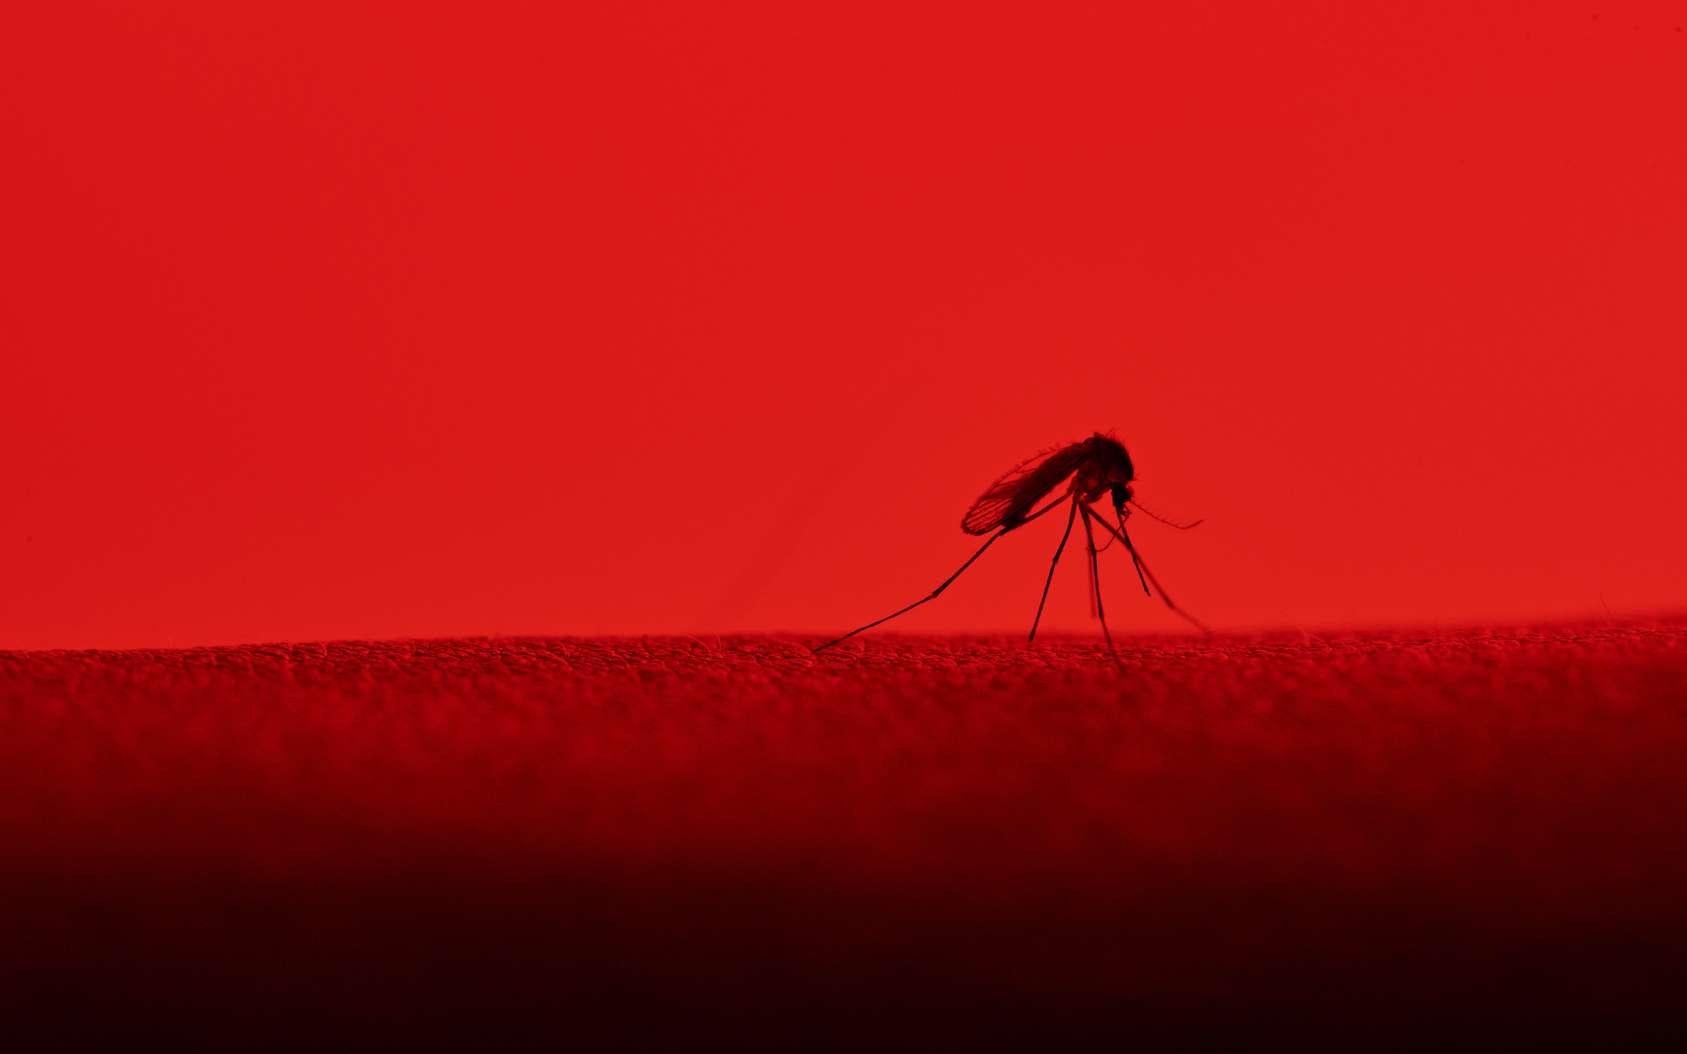 Un moustique en train d'aspirer le sang d'un humain. © PixieMe, Fotolia